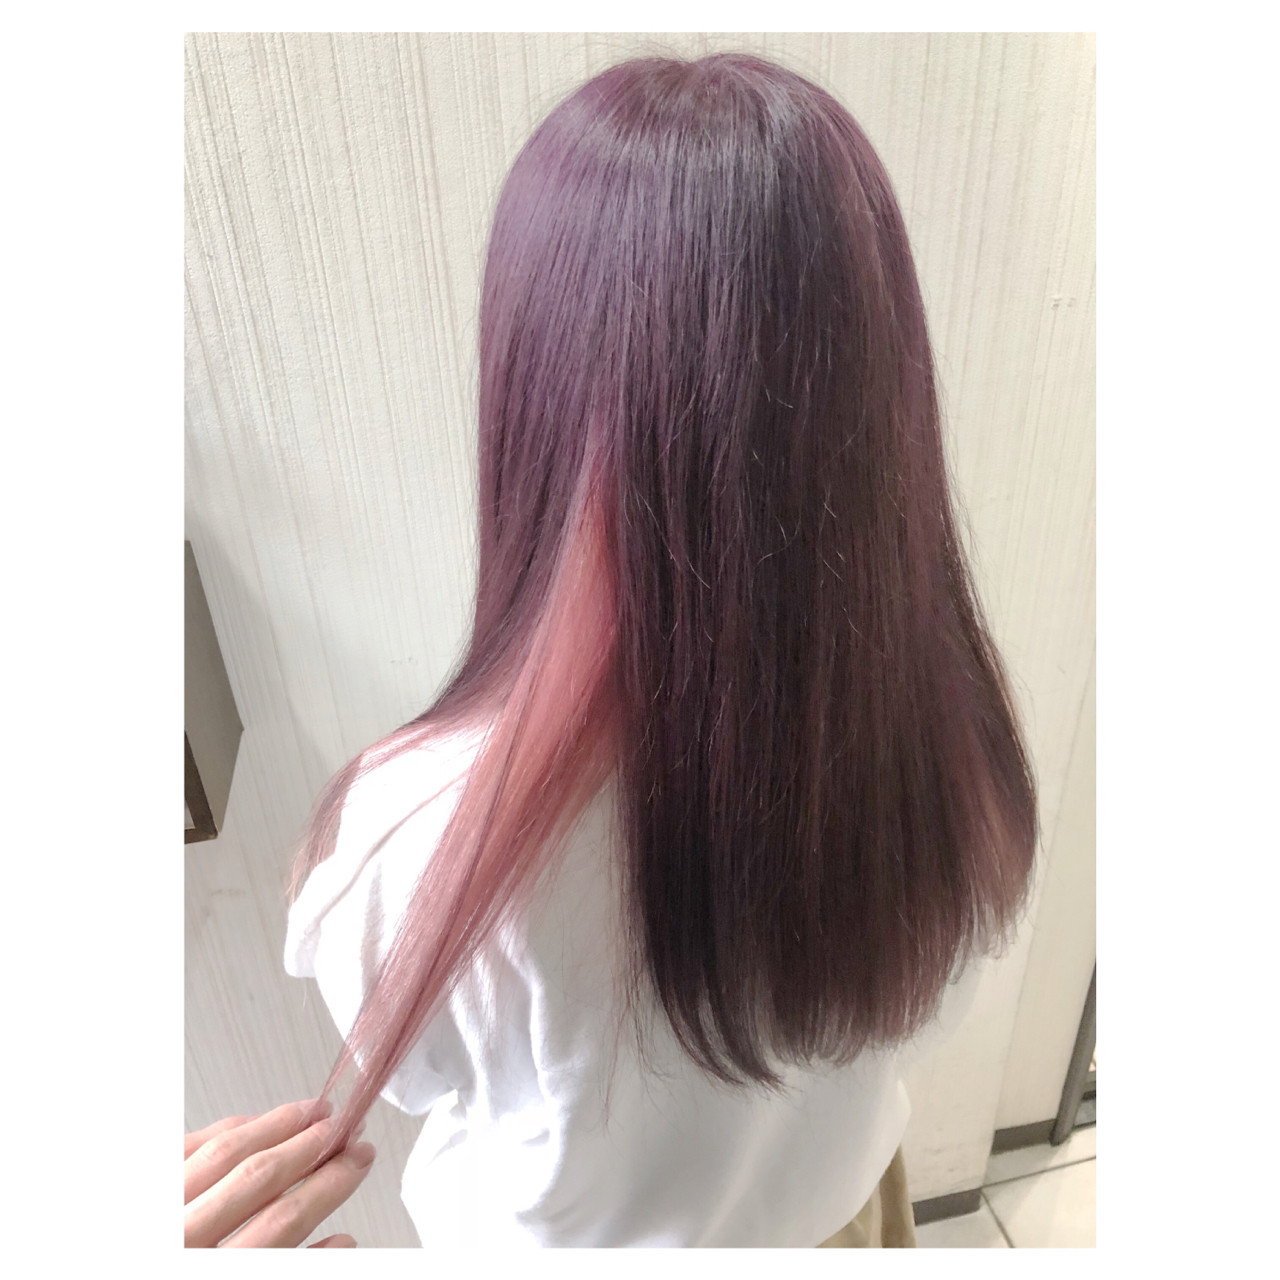 ピンクアッシュ ピンク フェミニン ラベンダーピンク ヘアスタイルや髪型の写真・画像   クラ / TOMCAT